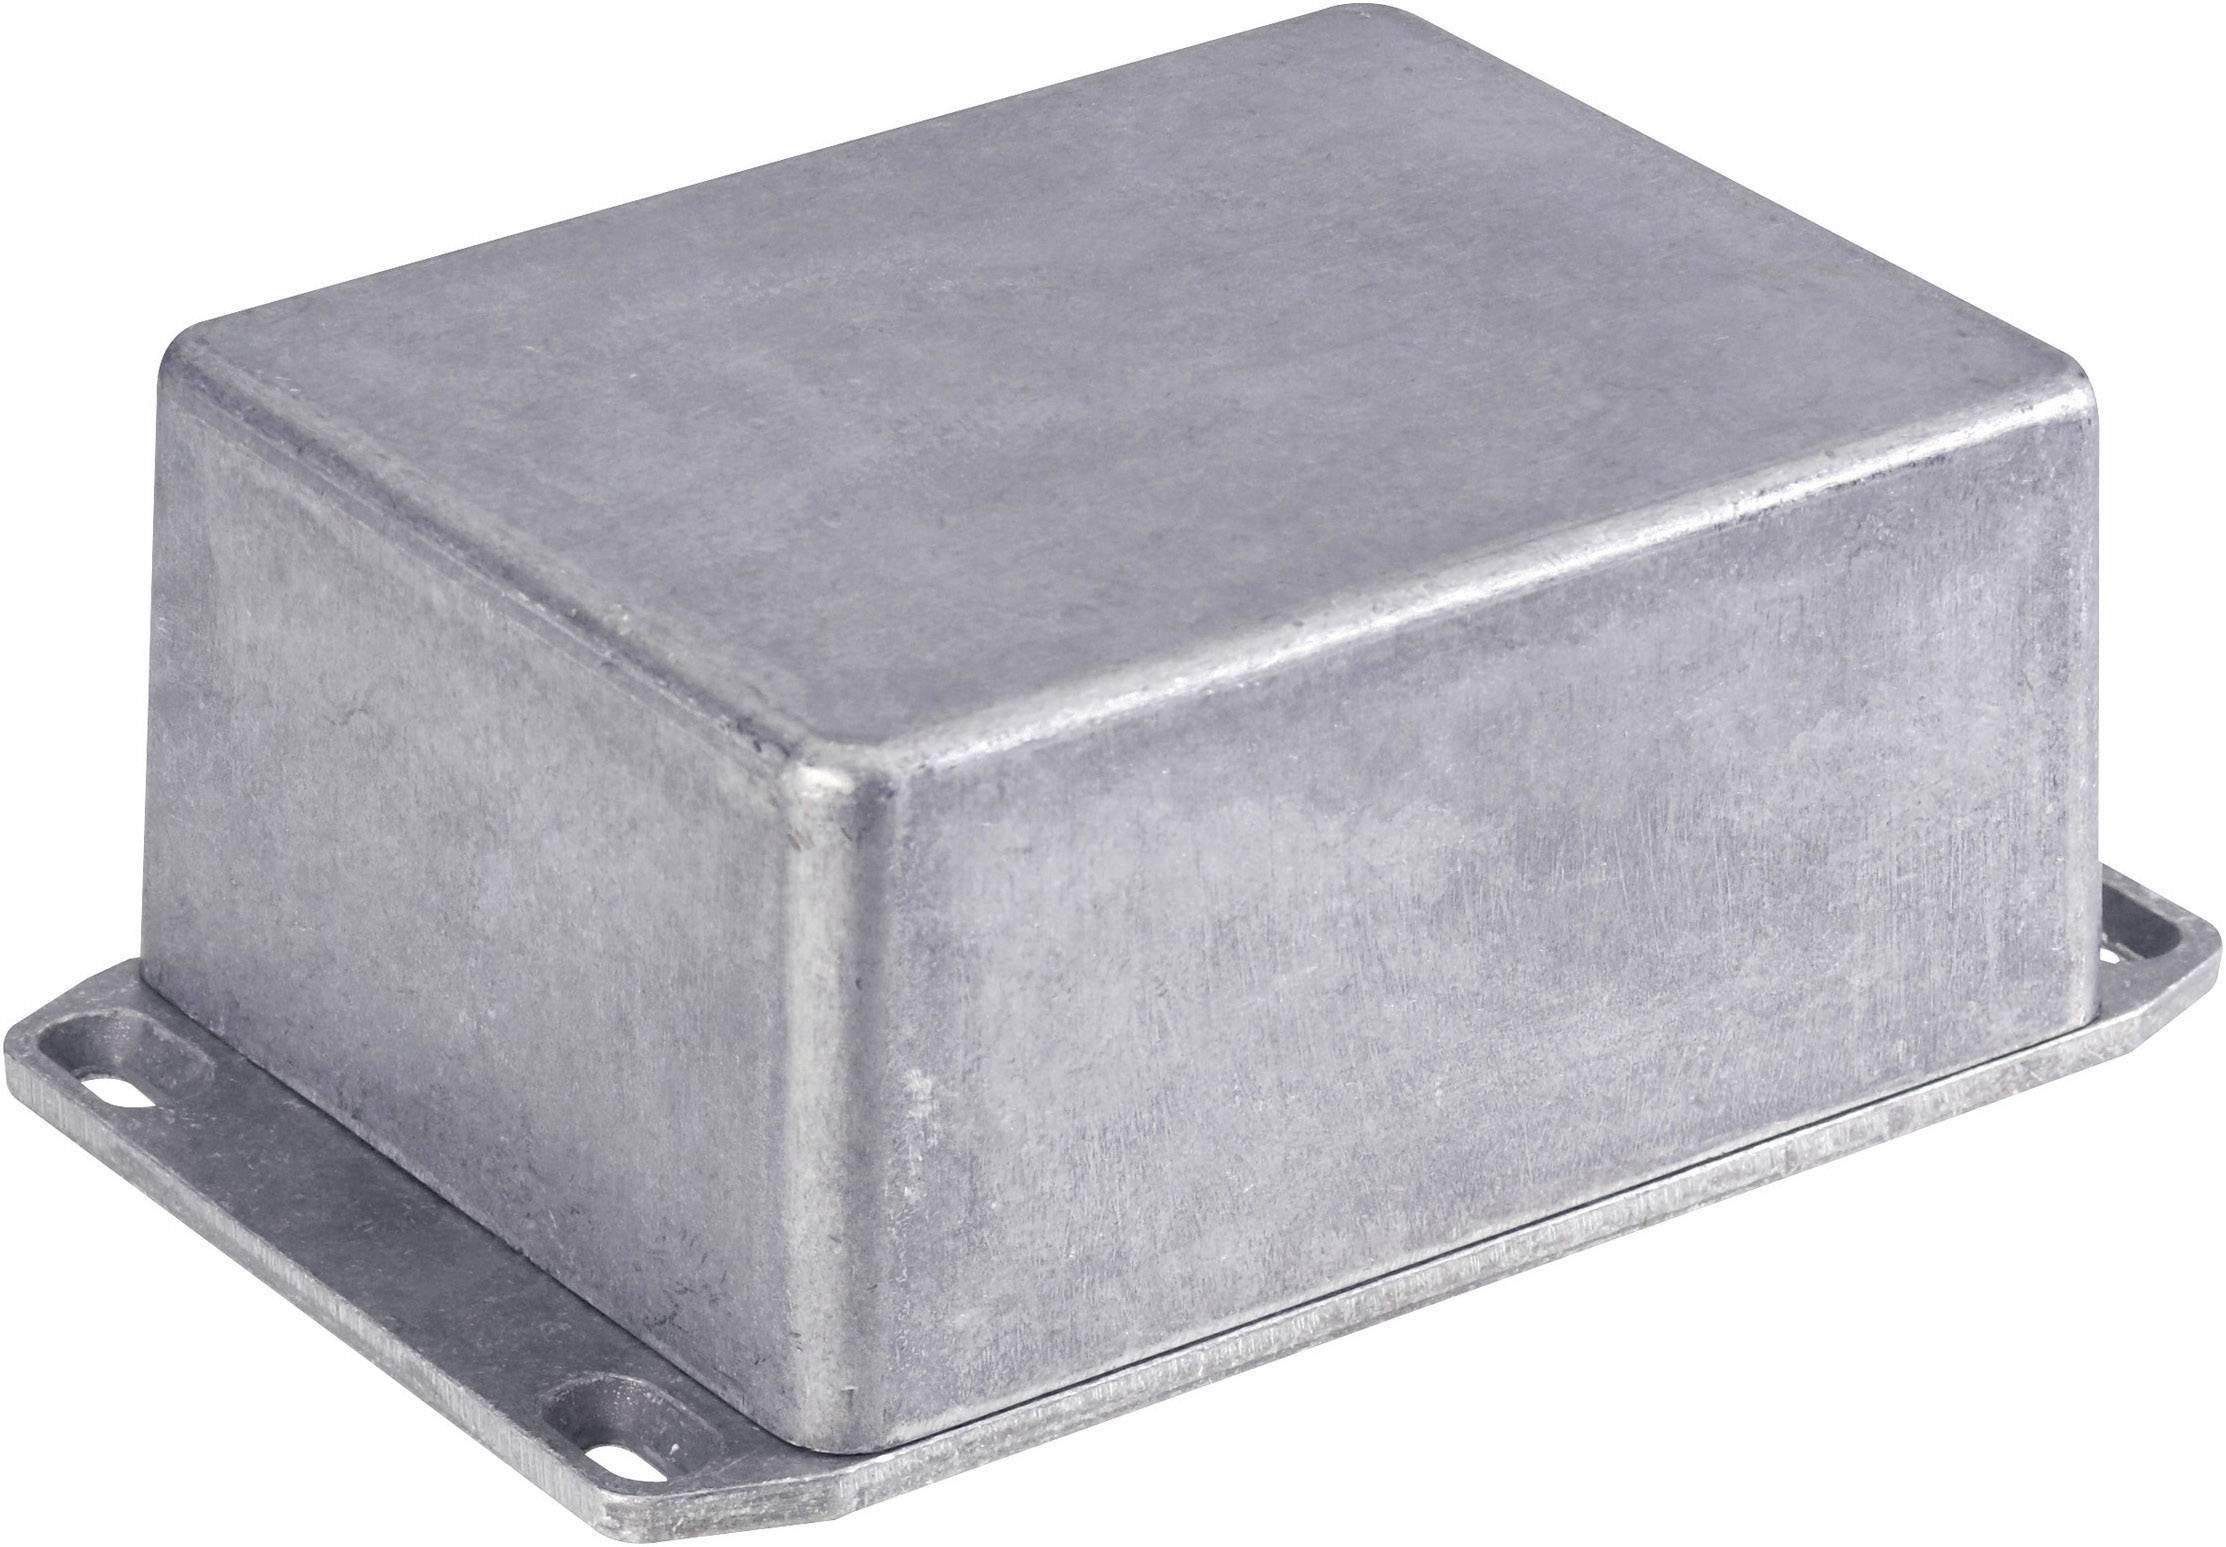 Univerzální pouzdro hliník Hammond Electronics 1590WAFLBK 93 x 39 x 31 1 ks